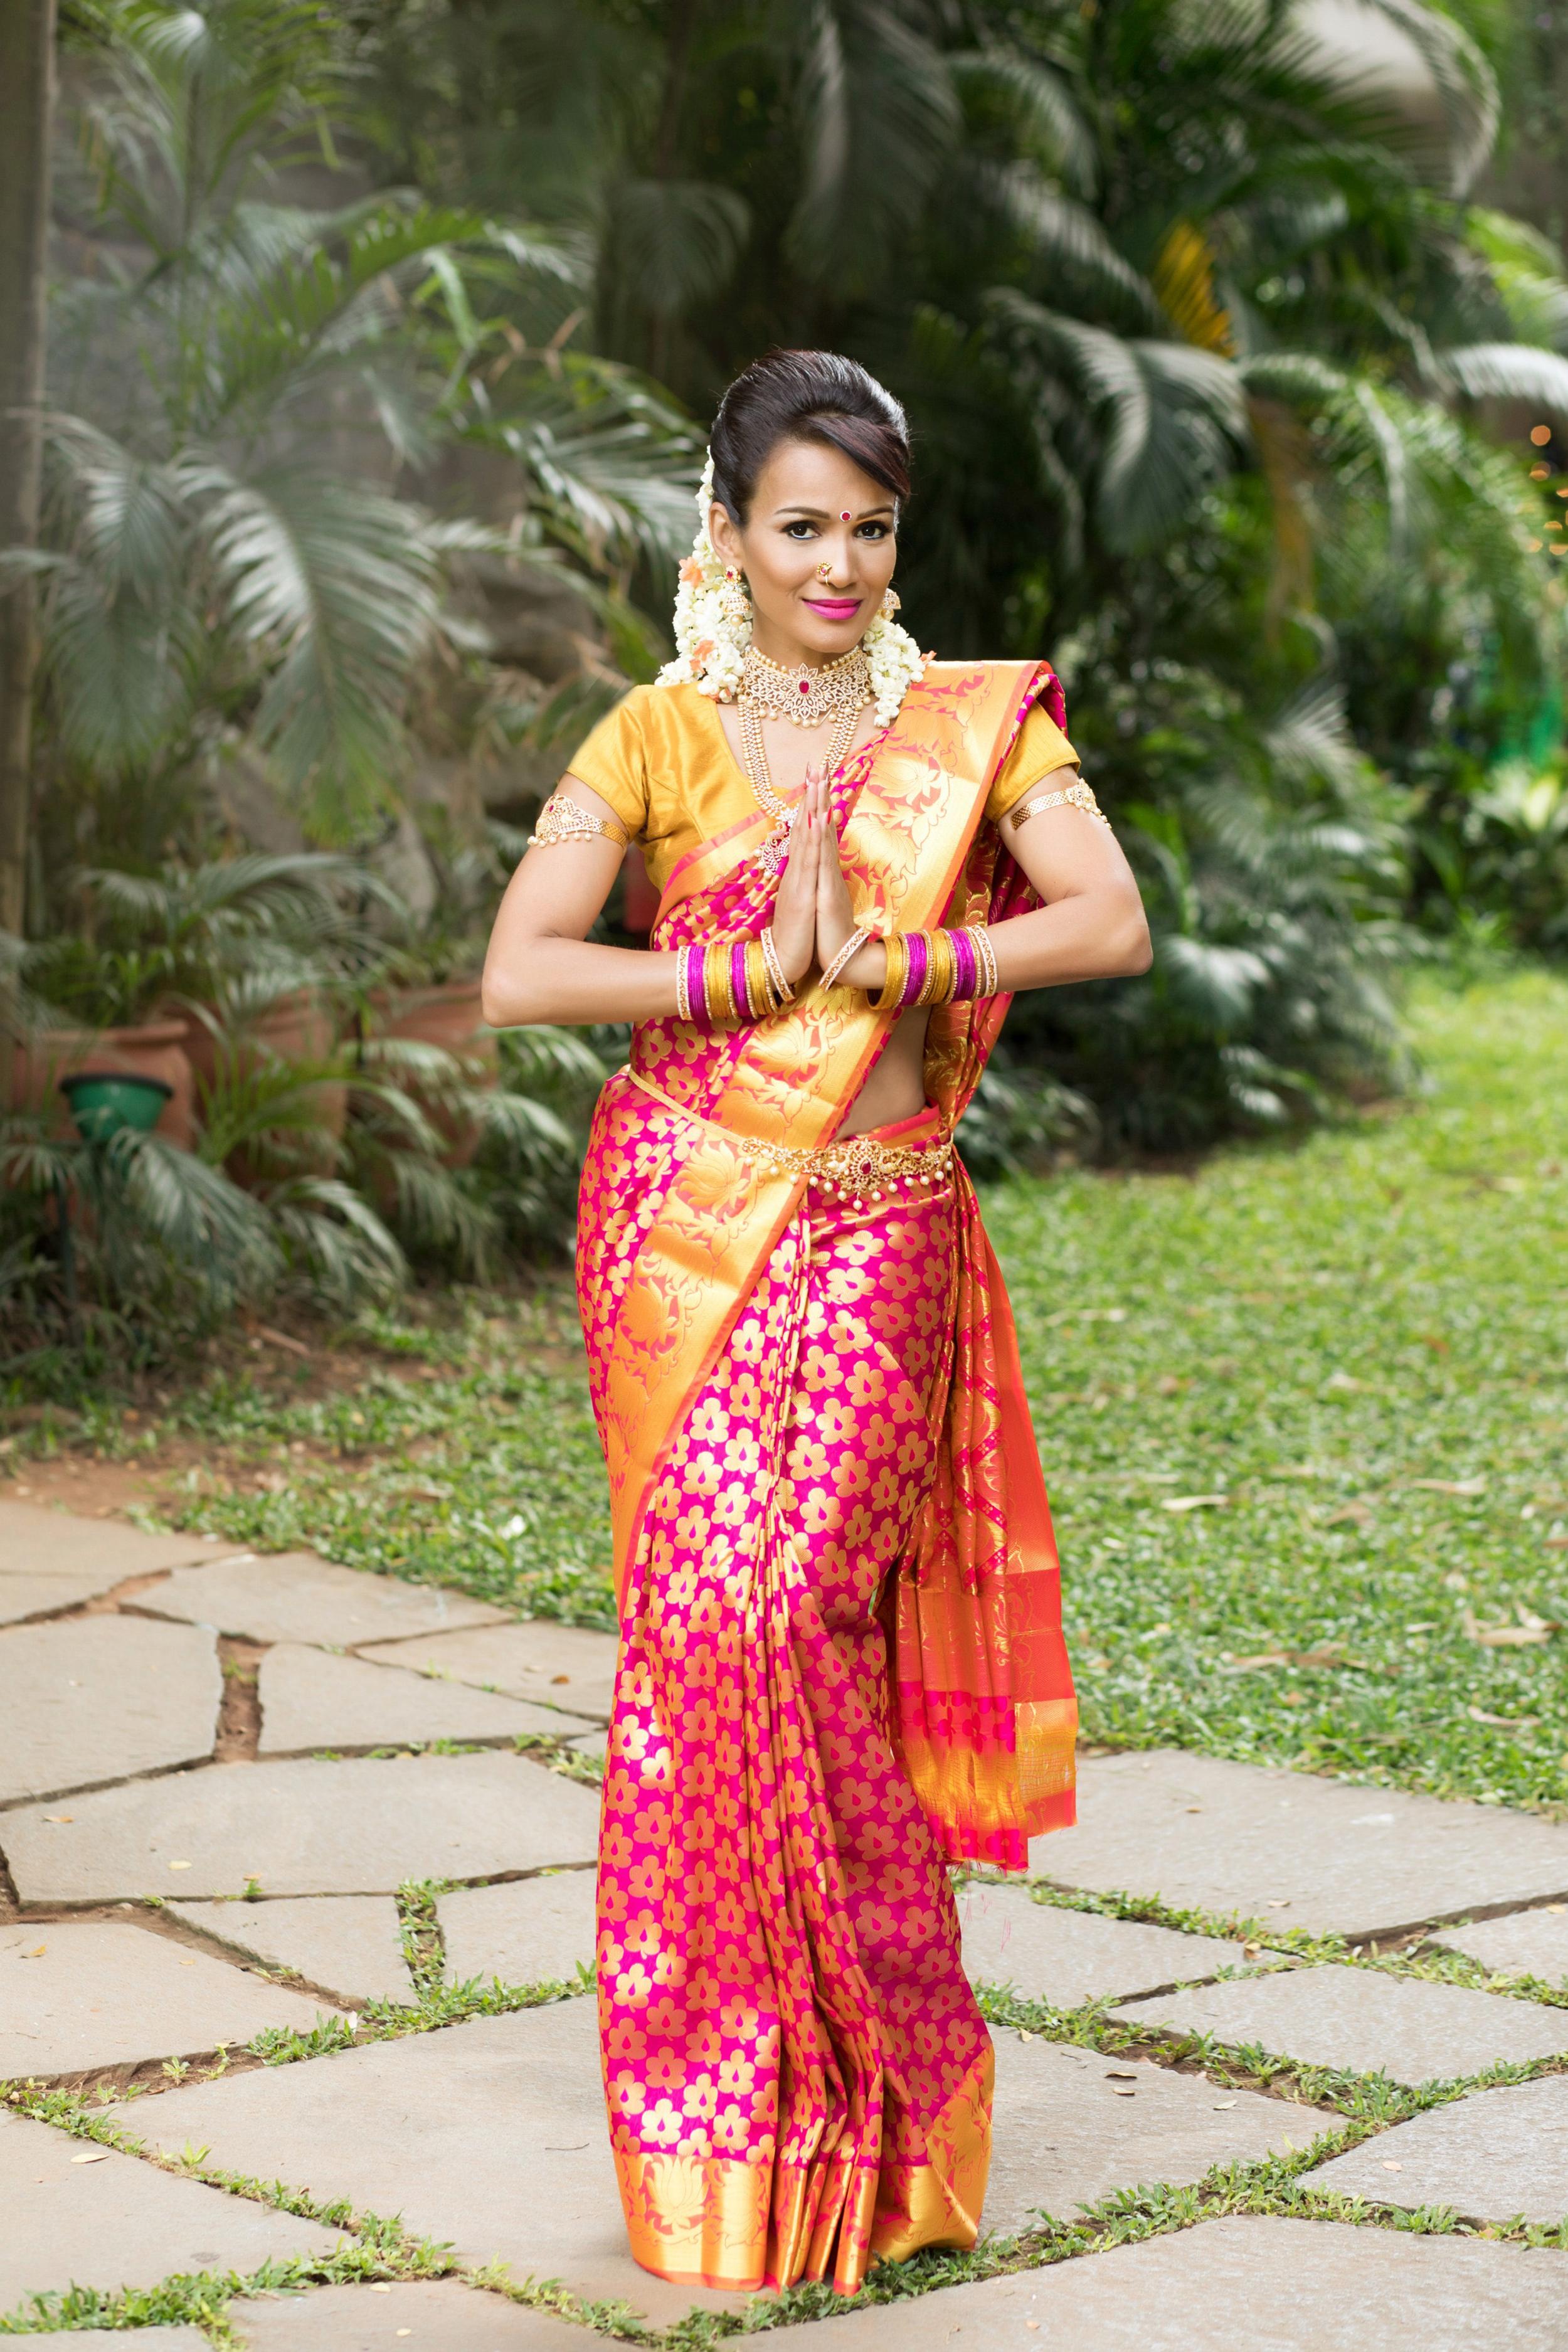 India_namaste.jpg